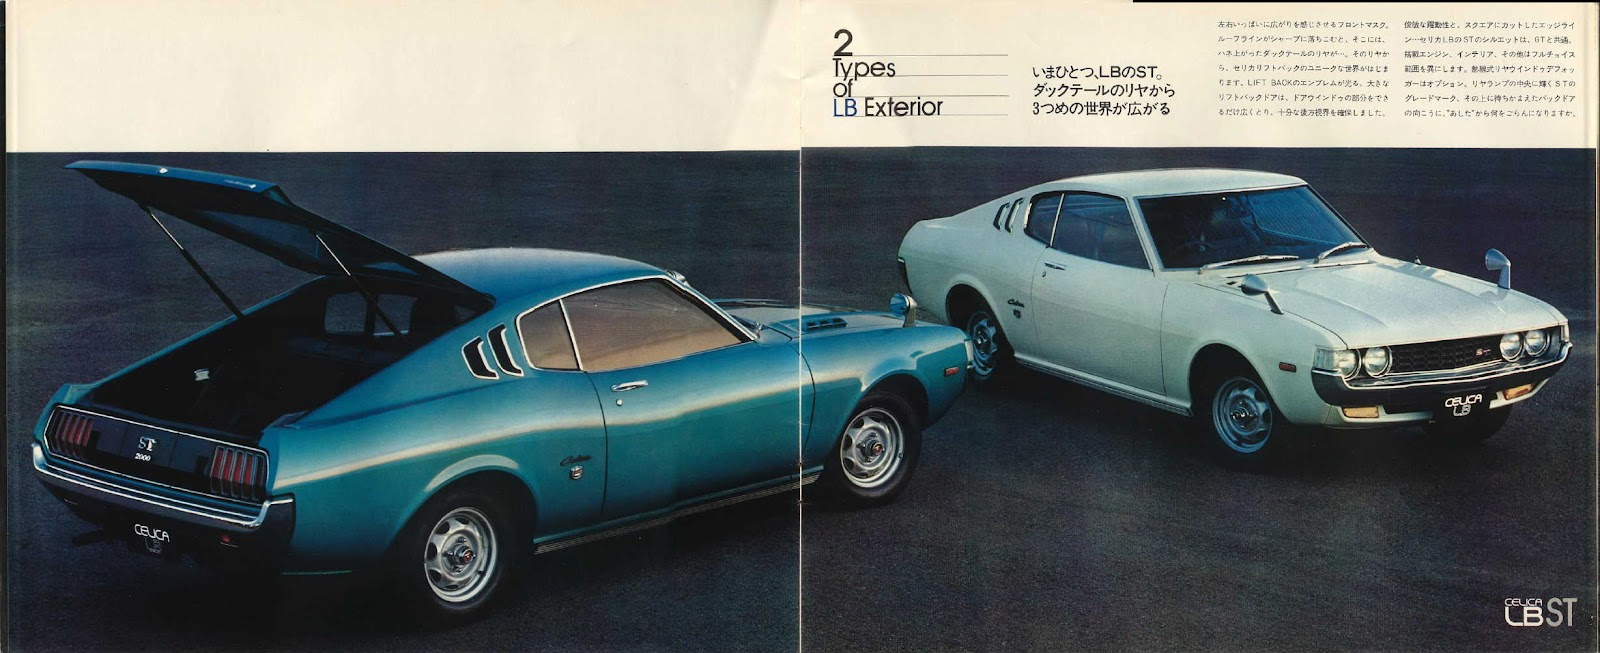 Toyota Celica A20/30, kultowe auto, japoński stary samochód, ciekawy, japońska motoryzacja, old car, klasyczne samochody, JDM, zdjęcia, liftback, TA27, TA28, TA35, RA25, RA28, RA35, RA29